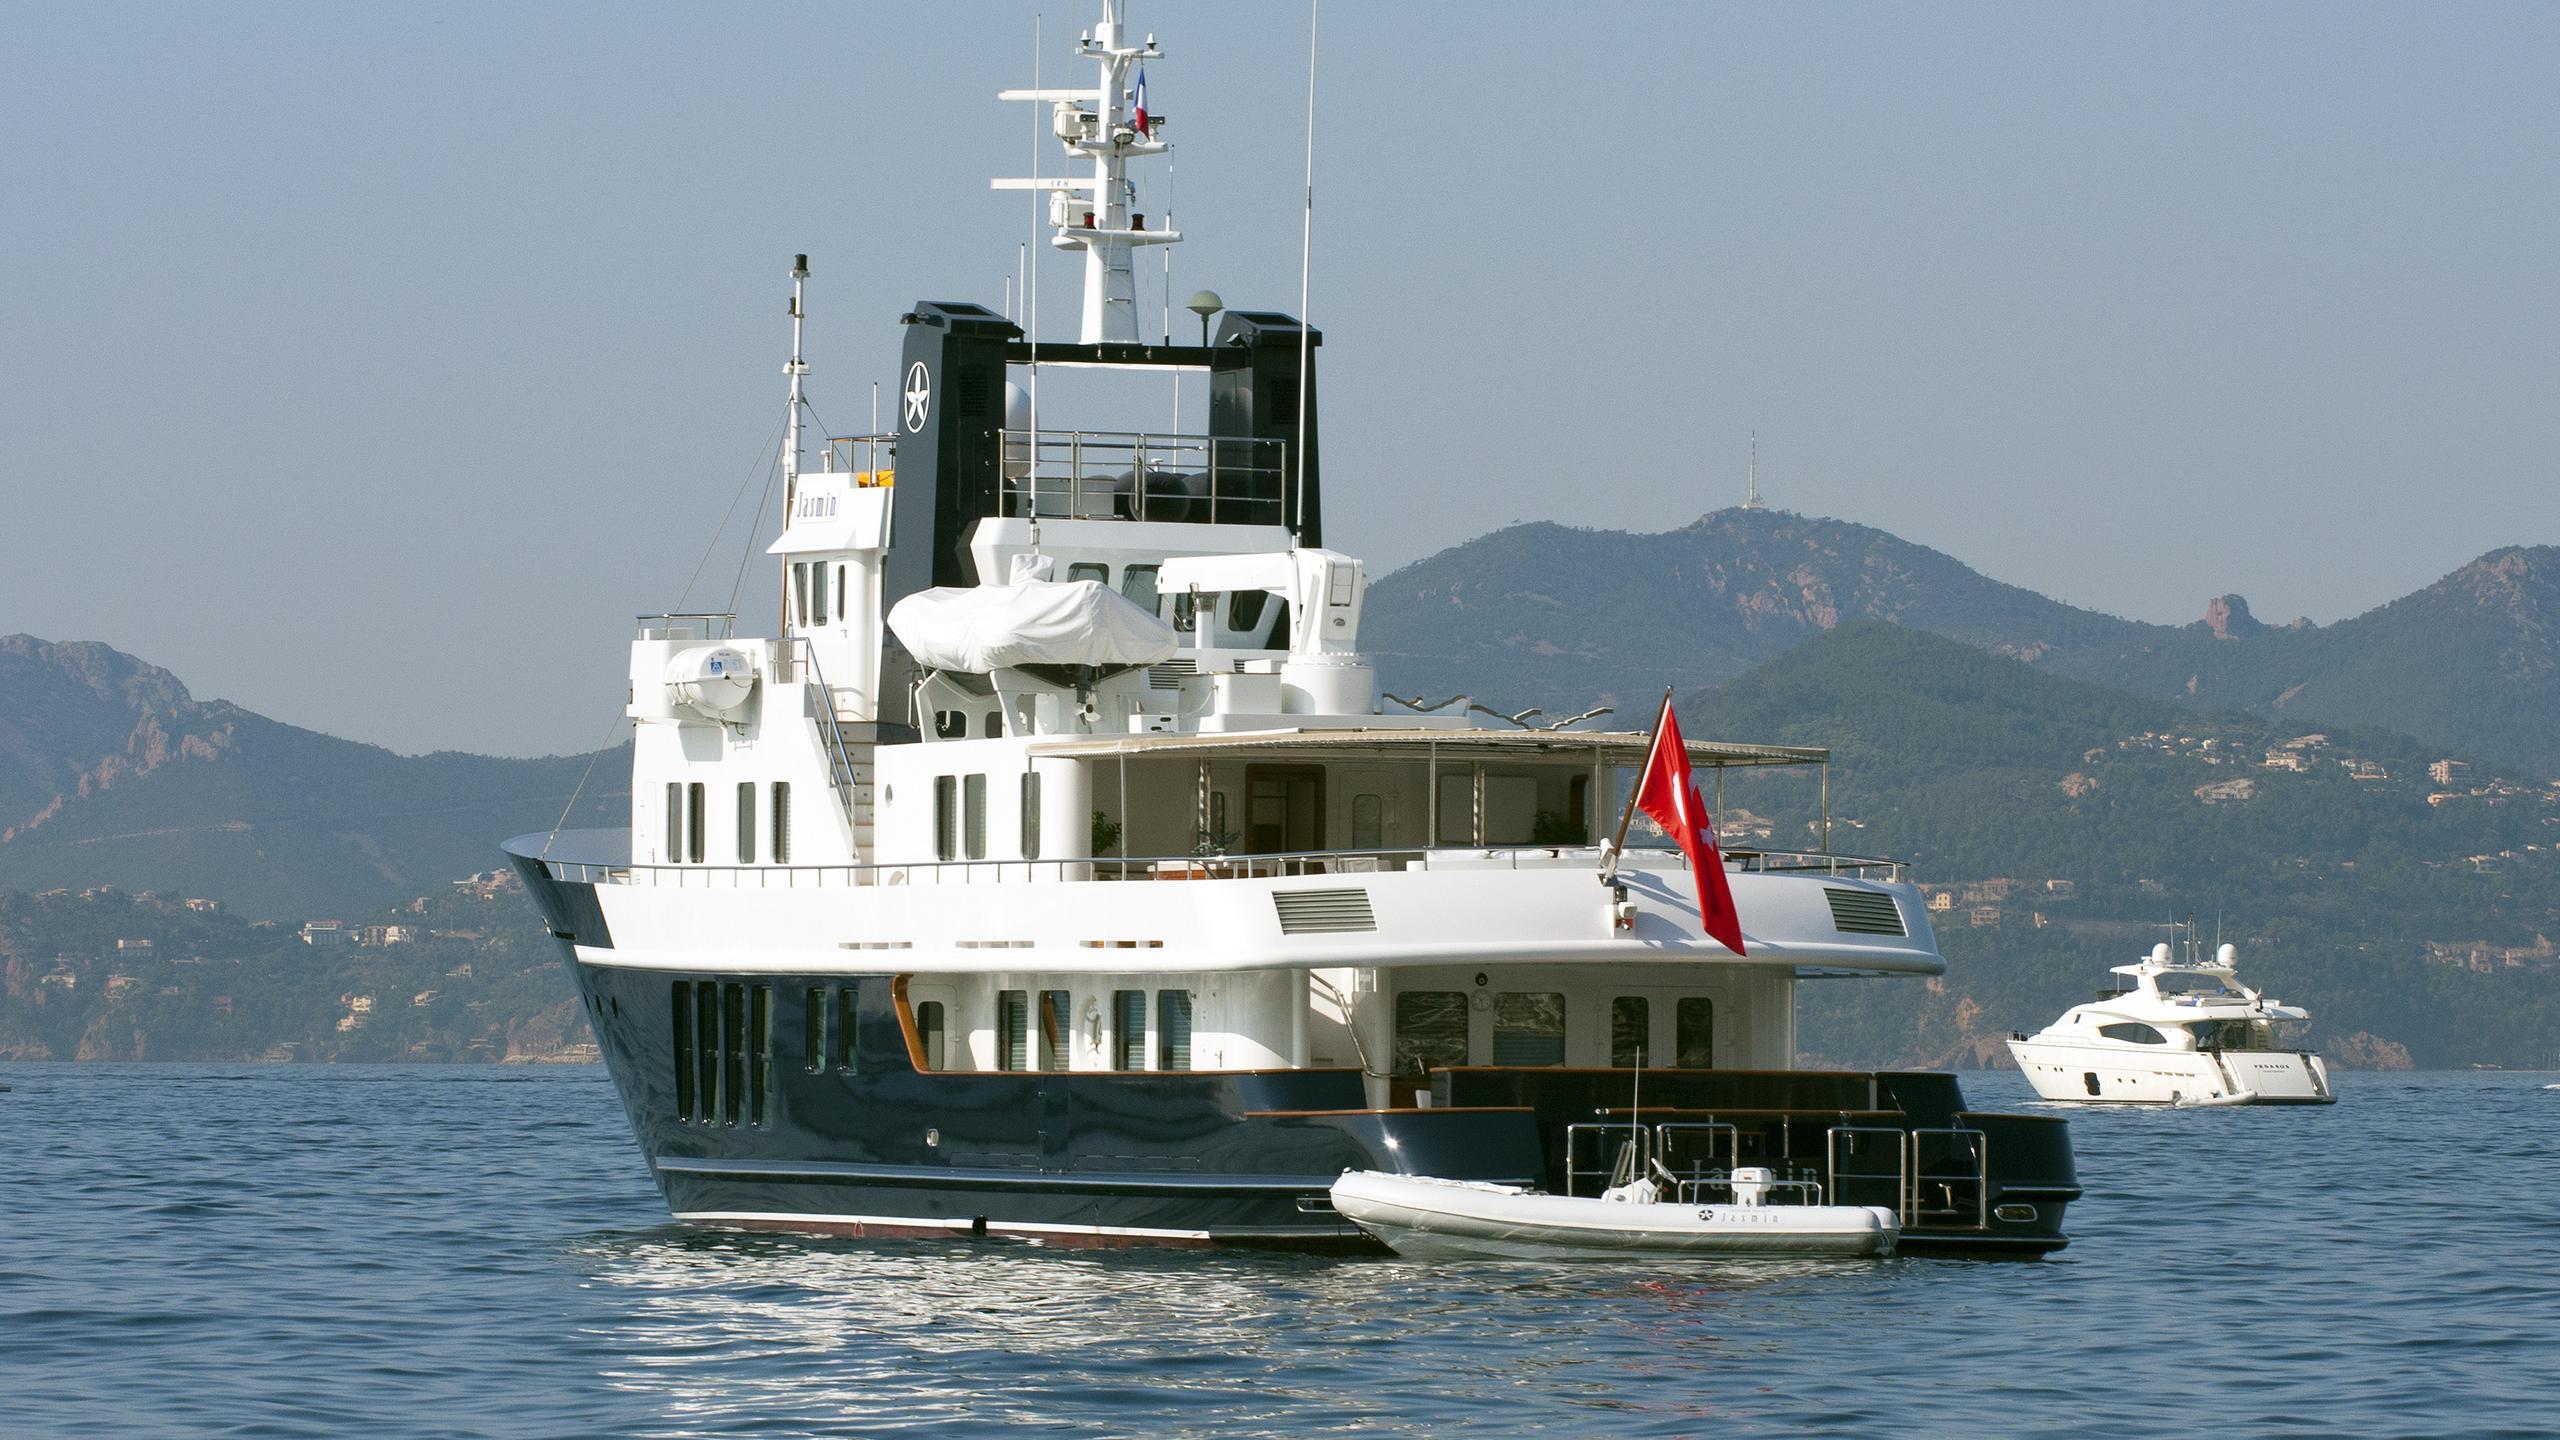 jasmin-explorer-yacht-rmk-marine-2003-37m-stern